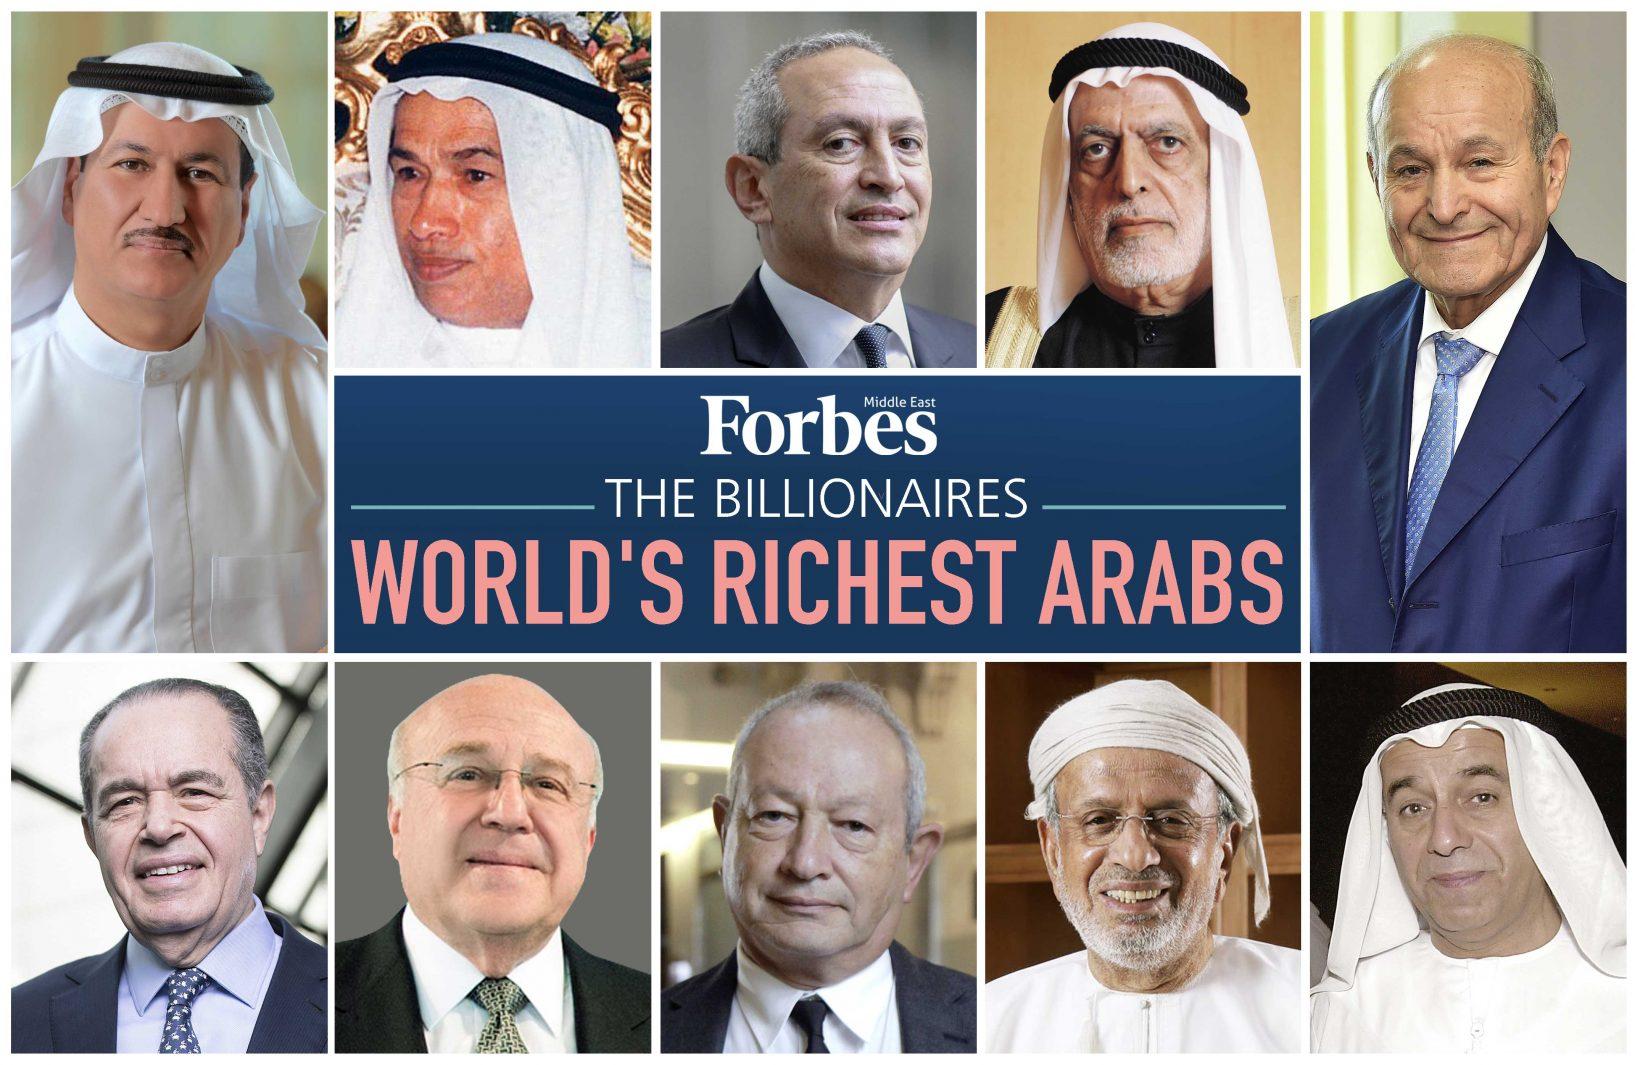 «فوربس» برای اولین بار فهرست میلیاردرهای عرب در سال 2018 را منتشر کرد